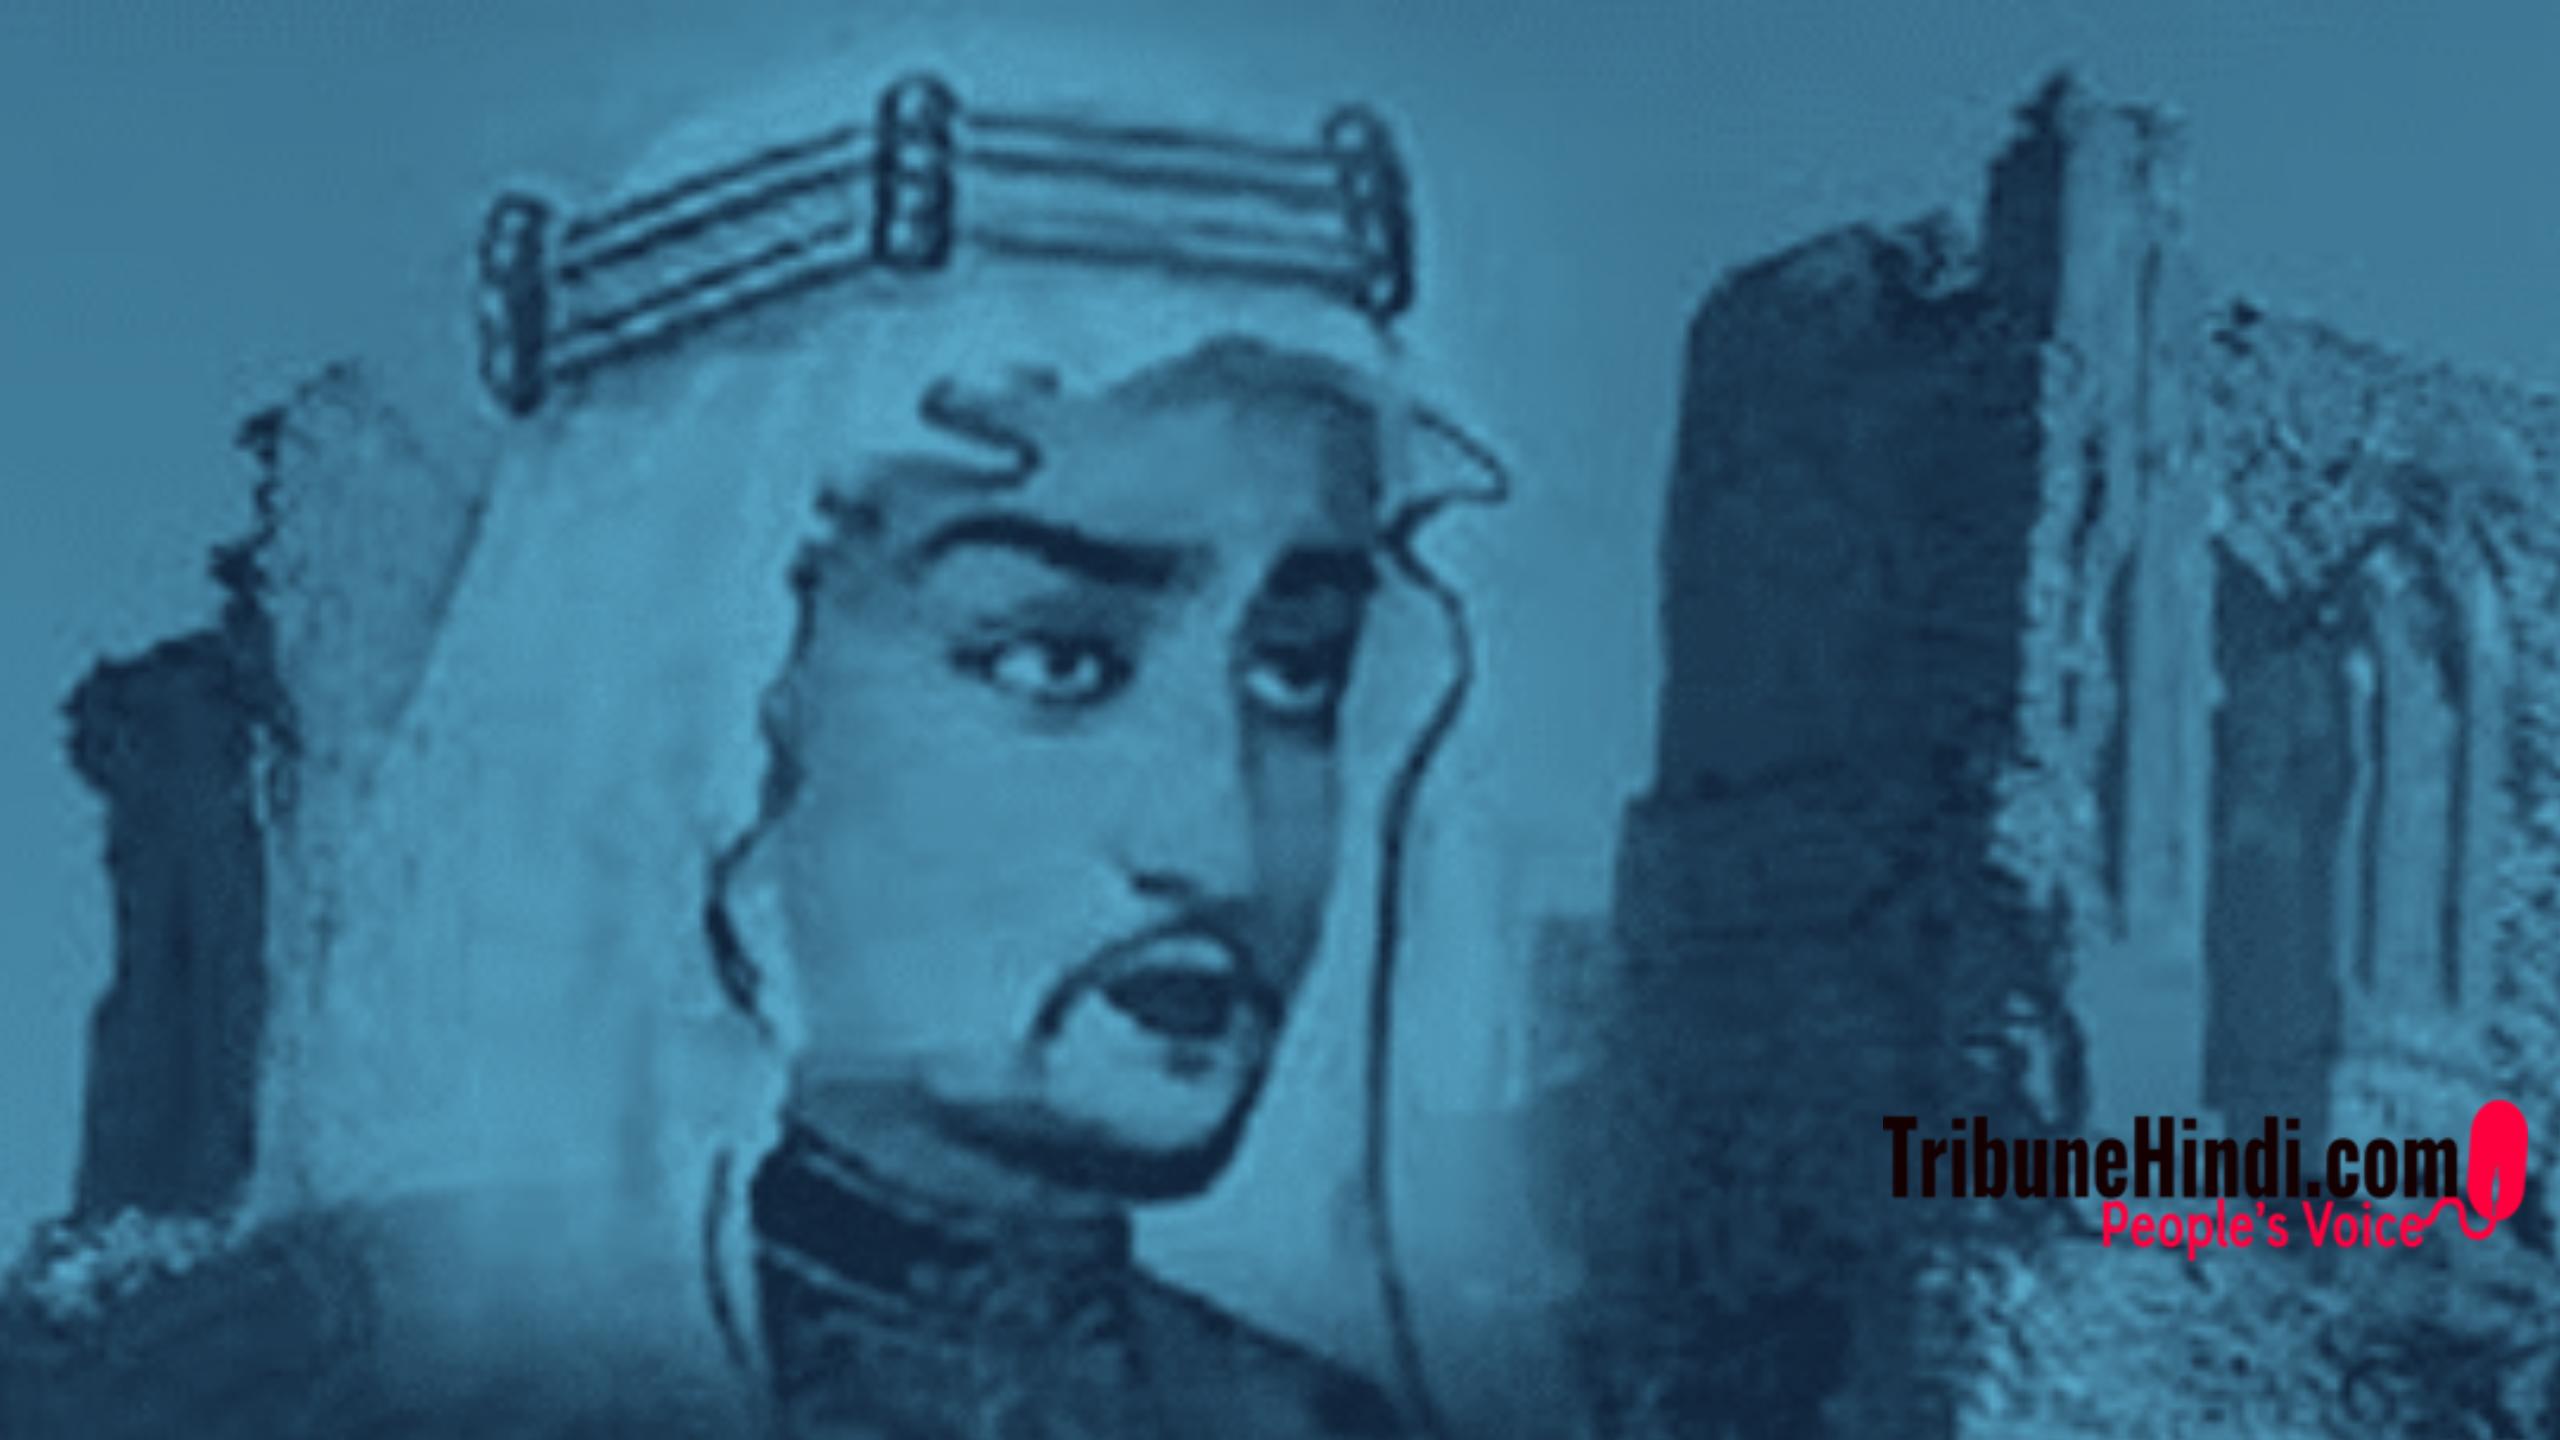 वो खत जिसे पढ़कर मुहम्मद बिन क़ासिम ने हिंदुस्तान का रुख किया था